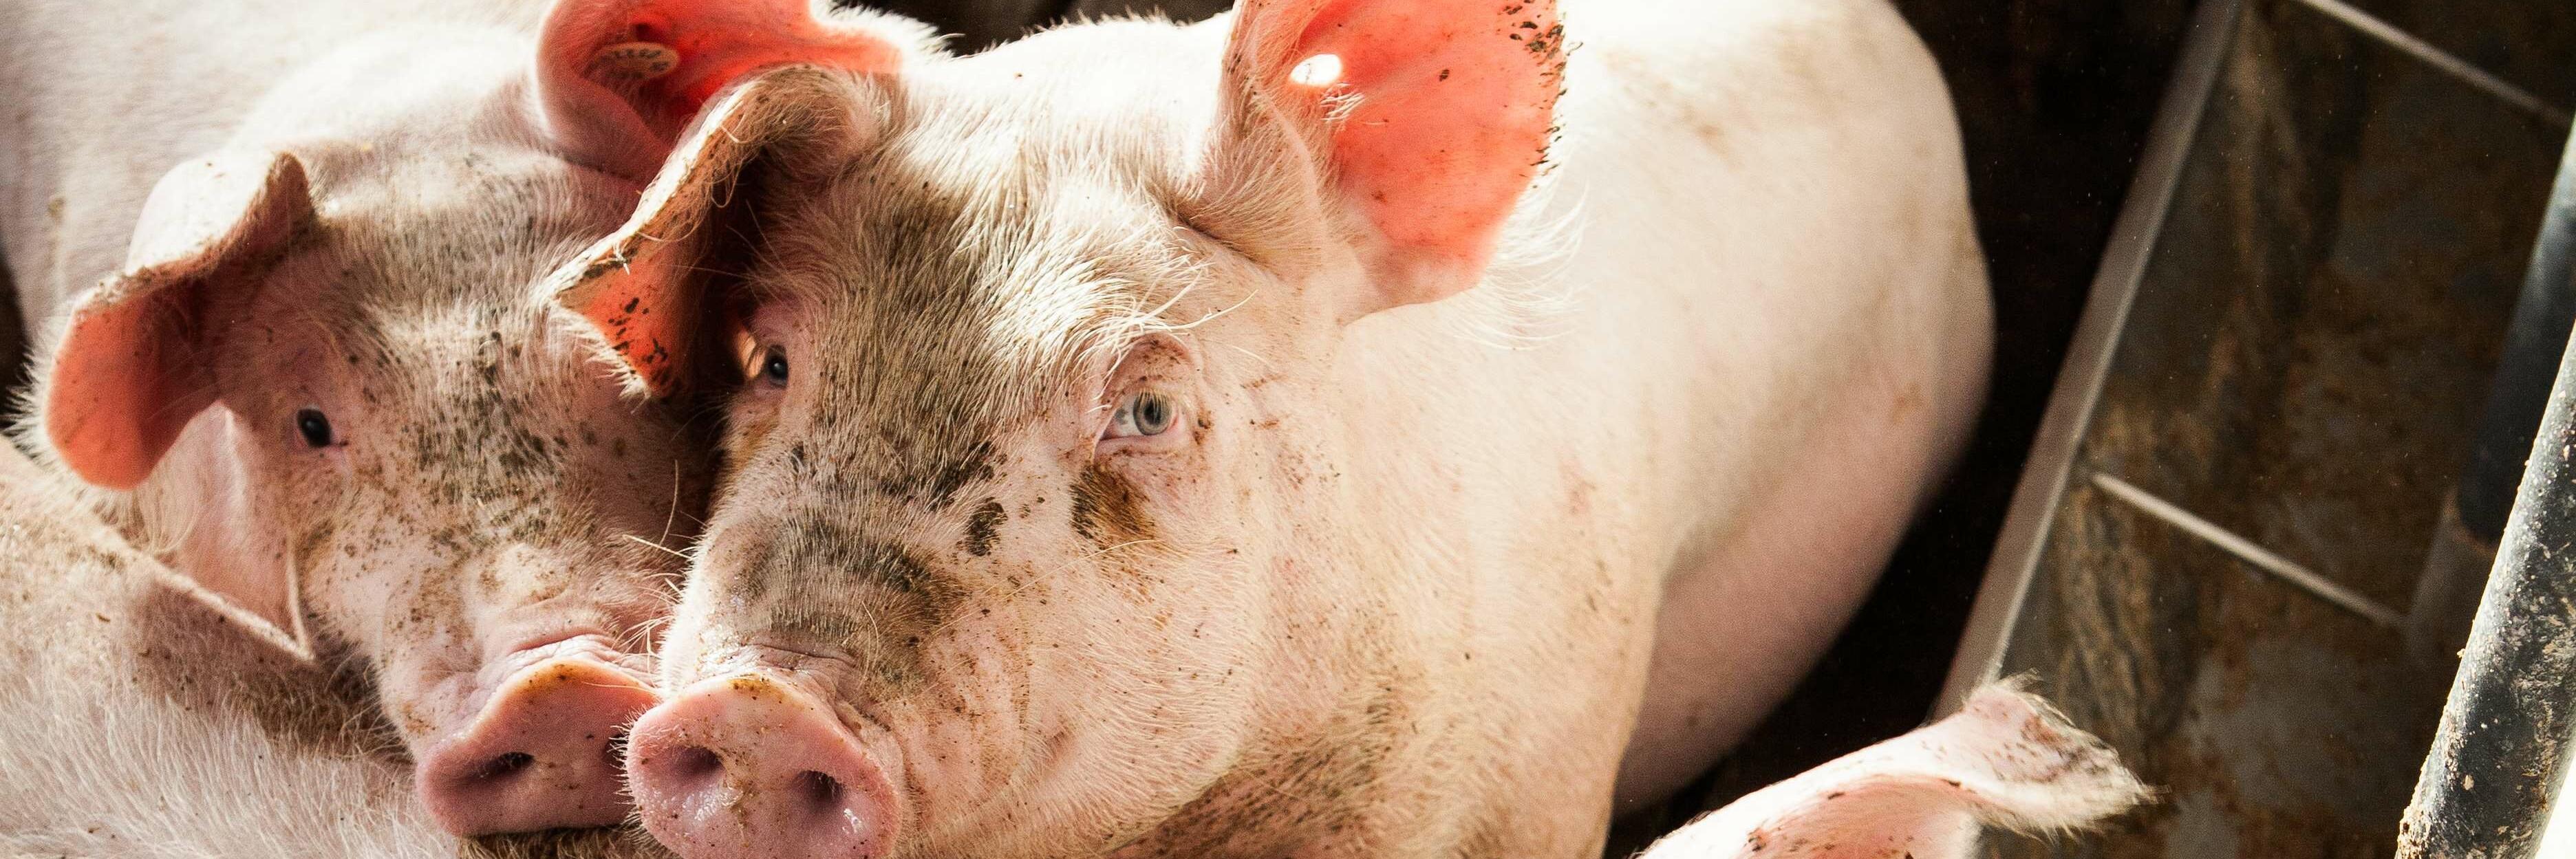 Schweine in intensiver Massentierhaltung